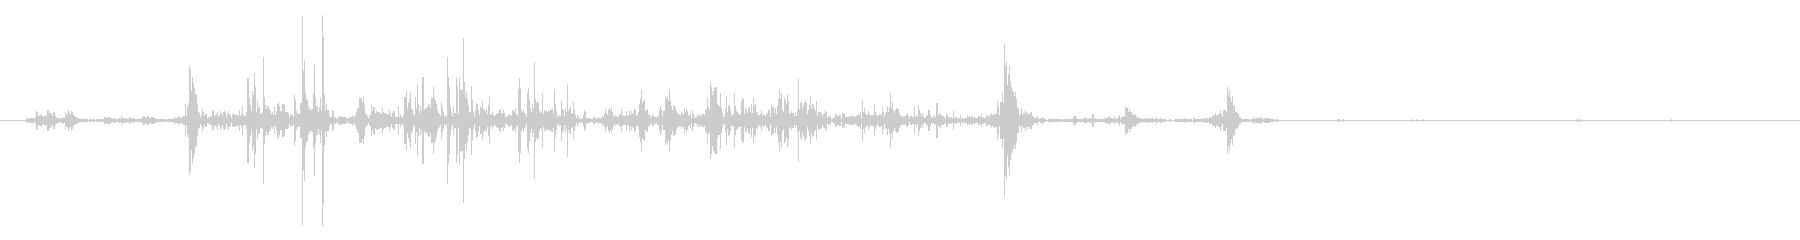 ネバネバ、ヌメヌメとした不気味な音A#2の未再生の波形